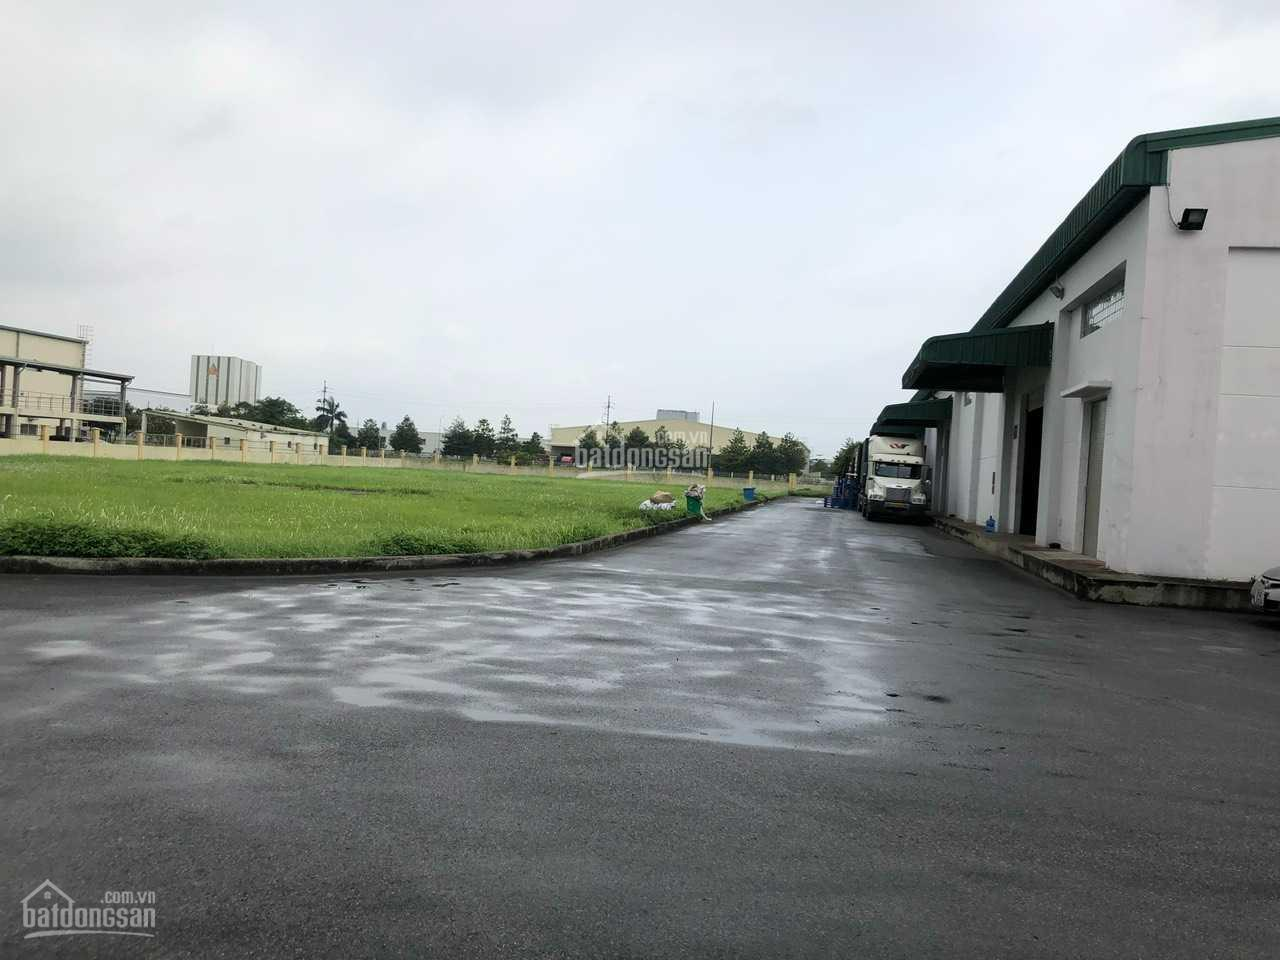 Xưởng 1000m2, 2000m2 cho thuê tại KCN Vsip, PCCC tự động, sàn epoxy, trần thạch cao giá chỉ 3.6$/m2